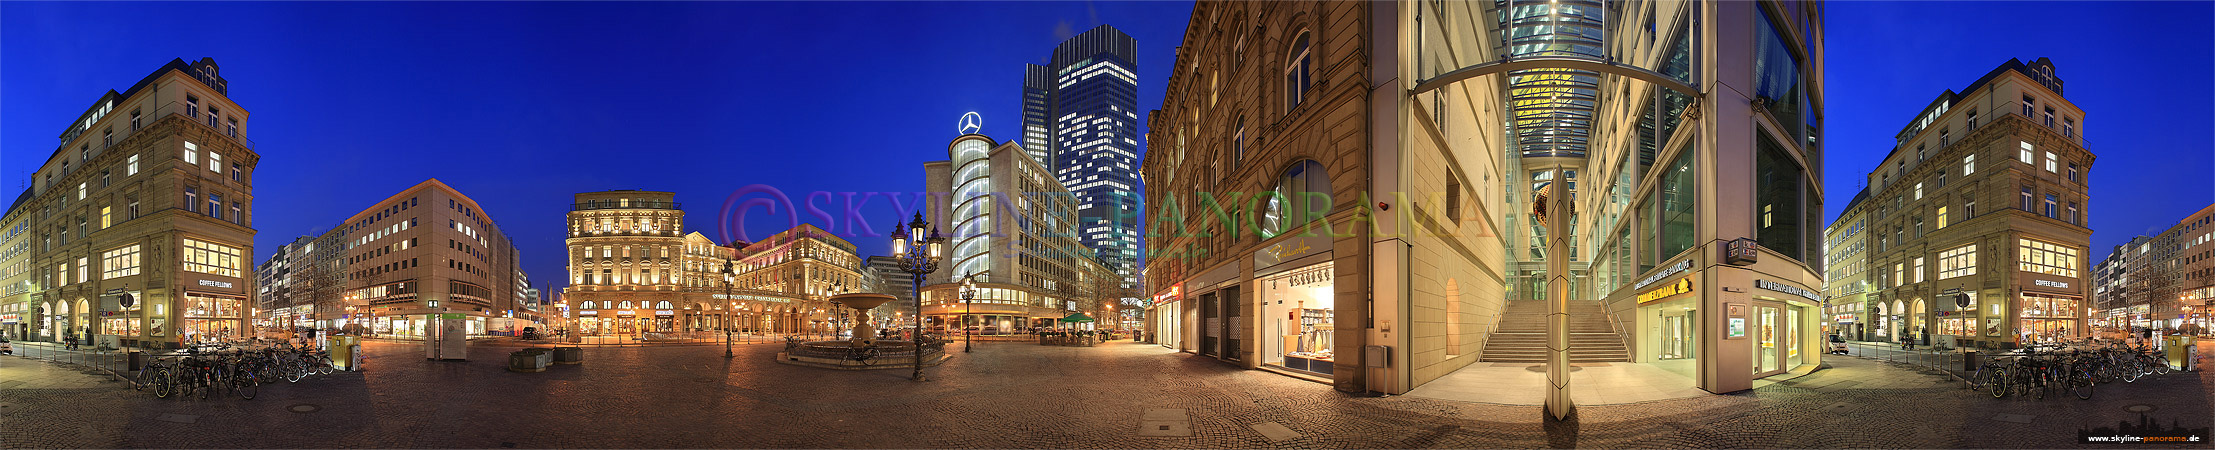 Innenstadt Bilder - Der Kaiserplatz (ehemals Friedrich-Ebert-Platz) ist einer der zentralen Plätze in Frankfurt am Main.